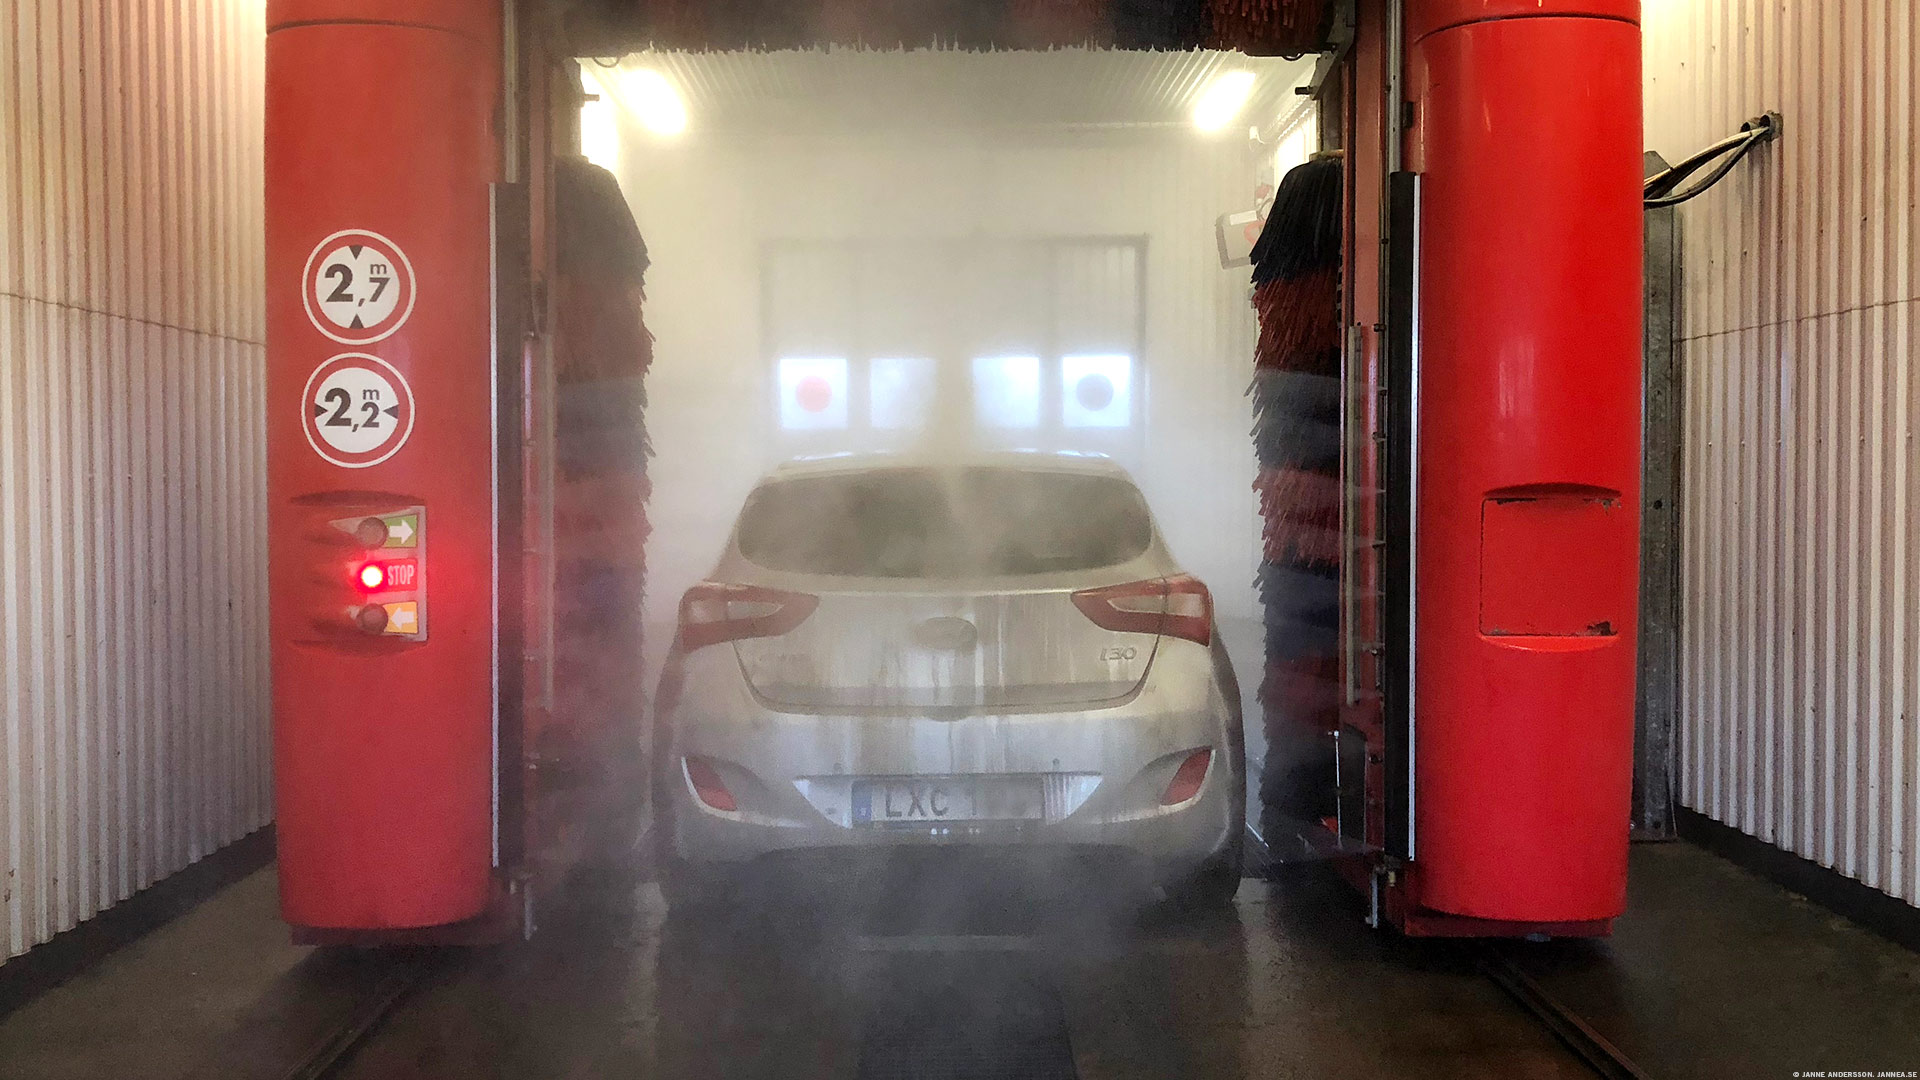 El automobile blir ren och fin | ©Janne A